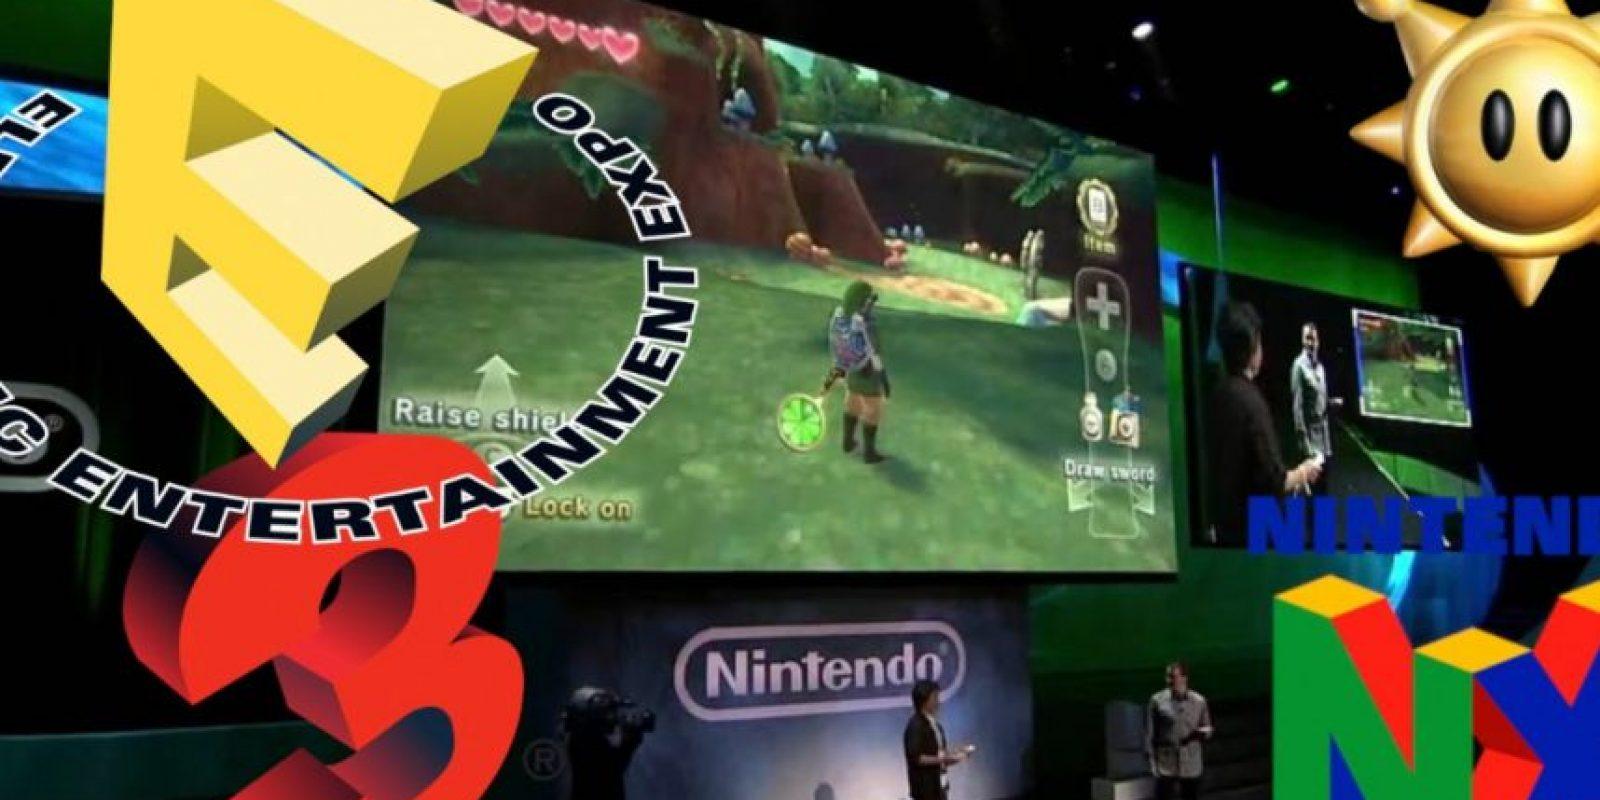 y usada por muchas empresas para presentar sus videojuegos y su hardware. Foto:Wikicommons